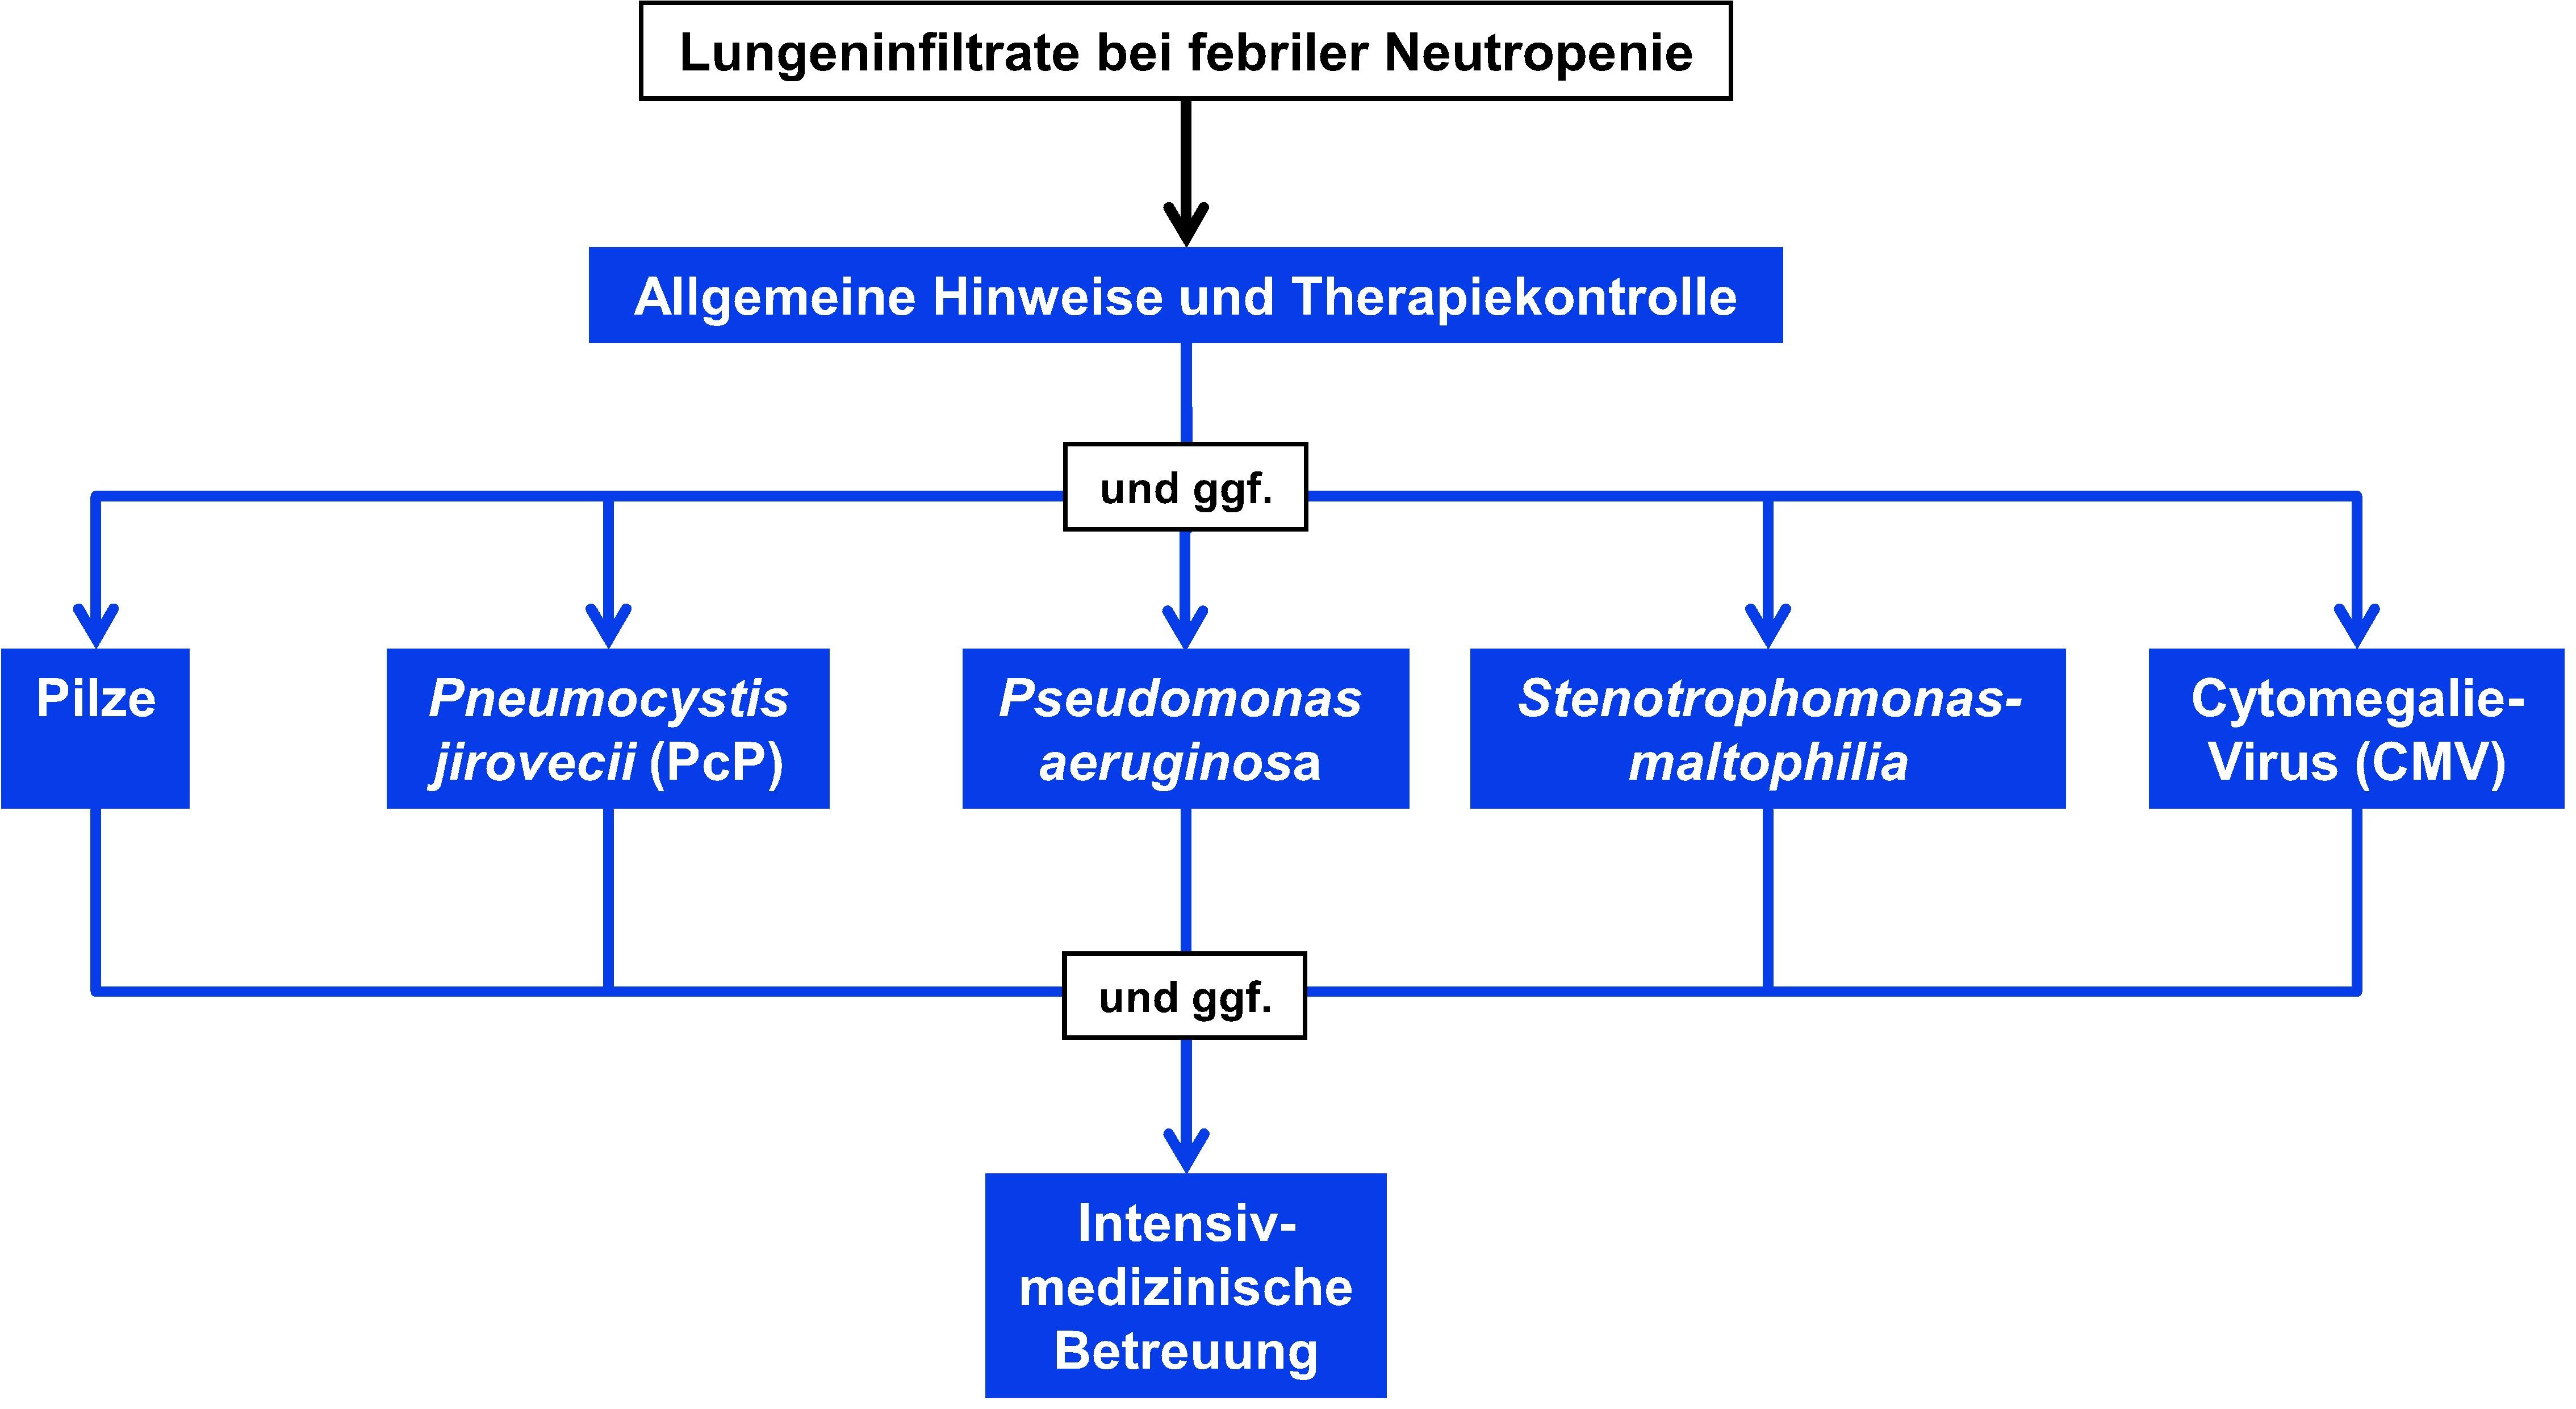 Therapie bei Patienten mit febriler Neutropenie und Lungeninfiltraten